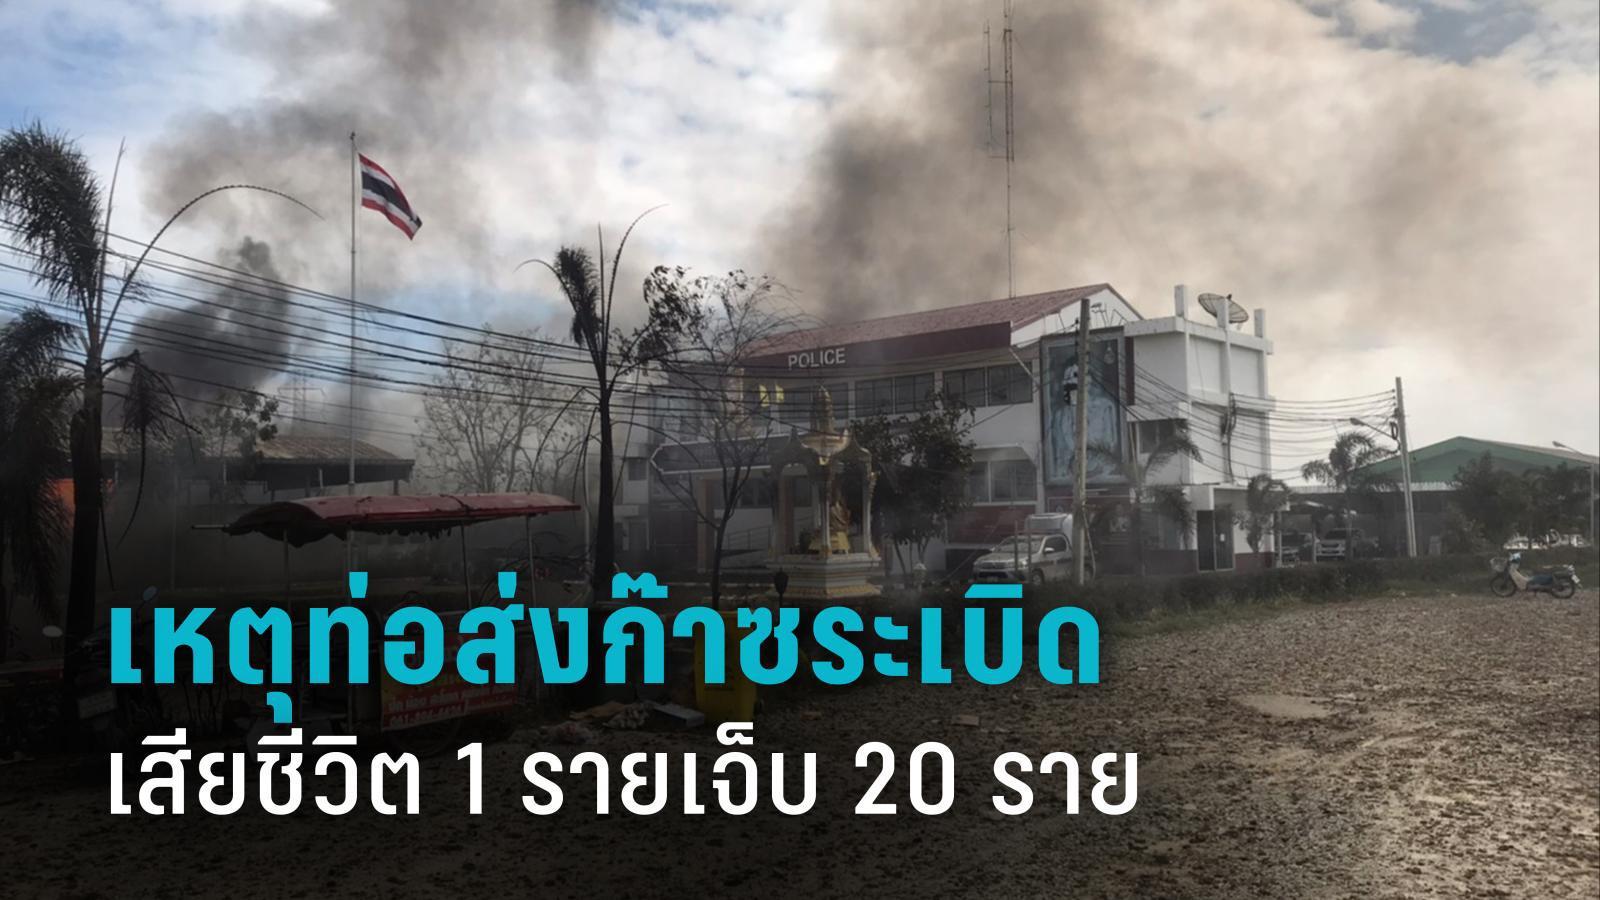 ตร. เผยเหตุท่อส่งแก๊สระเบิด เสียชีวิต 1 ราย บาดเจ็บ 20 ราย